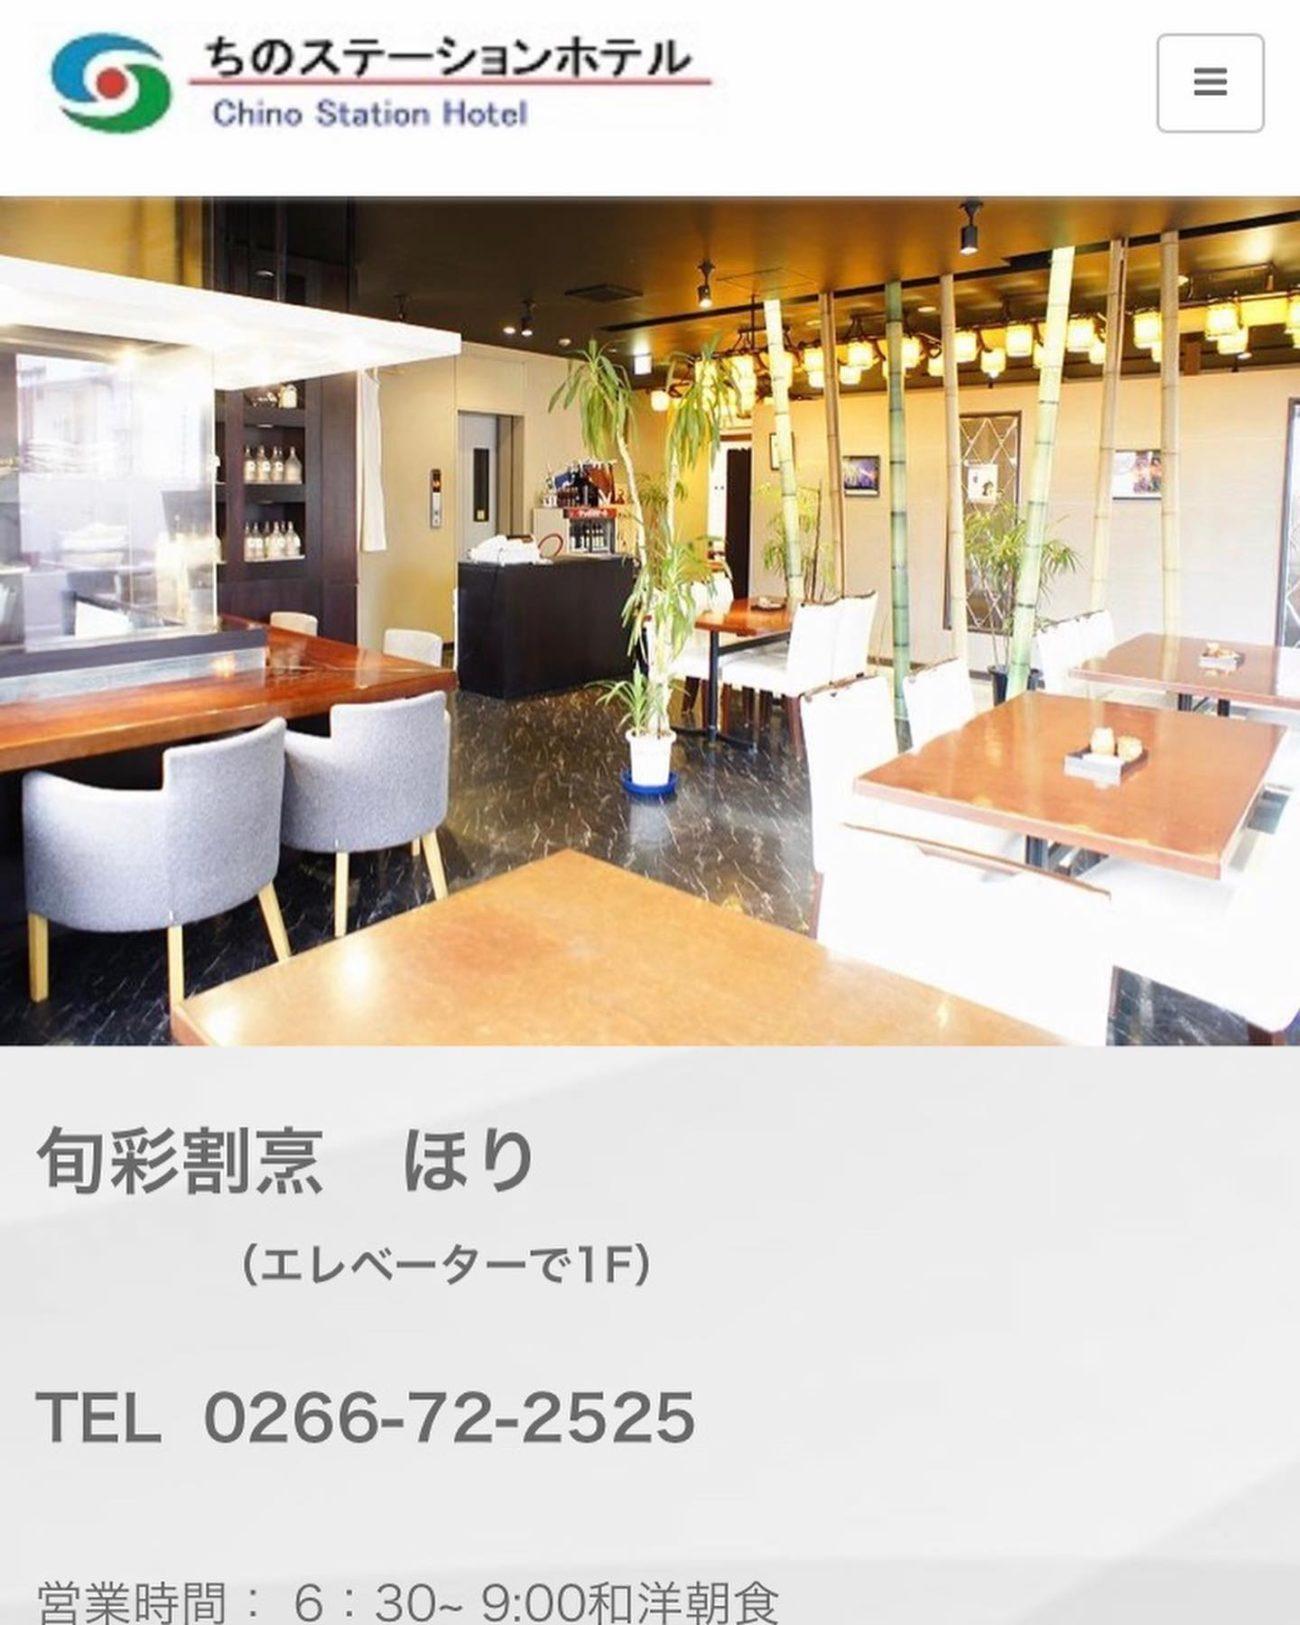 アビエス2020パートナー紹介-旬菜割烹ほり-店内